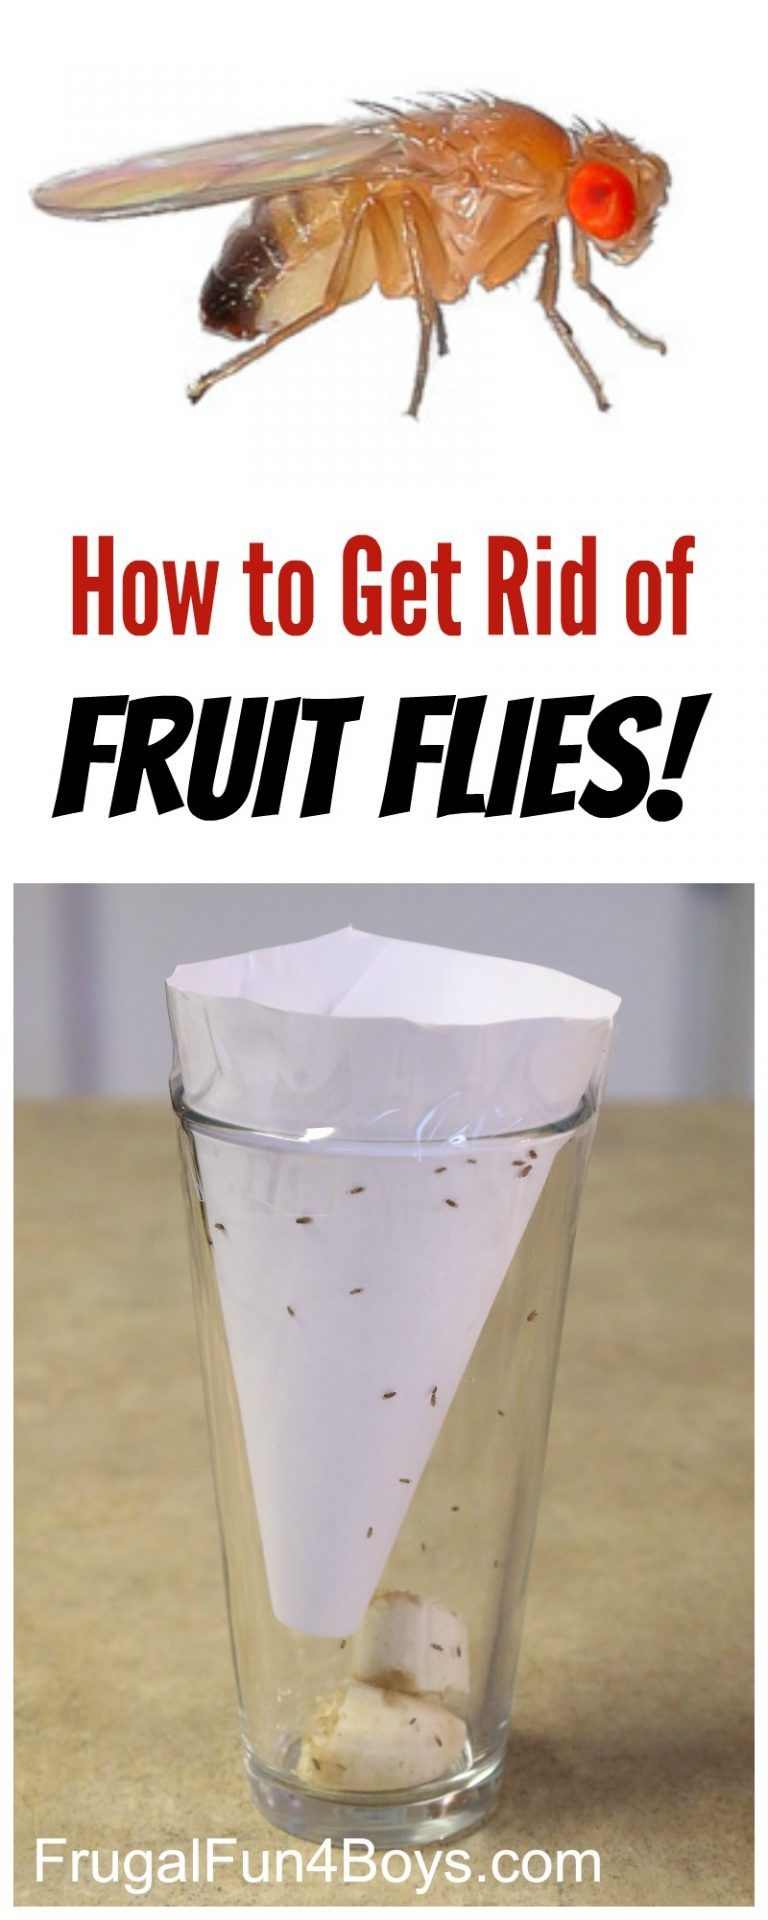 How To Get Rid Of Fruit Flies Fruit Flies Catch Fruit Flies